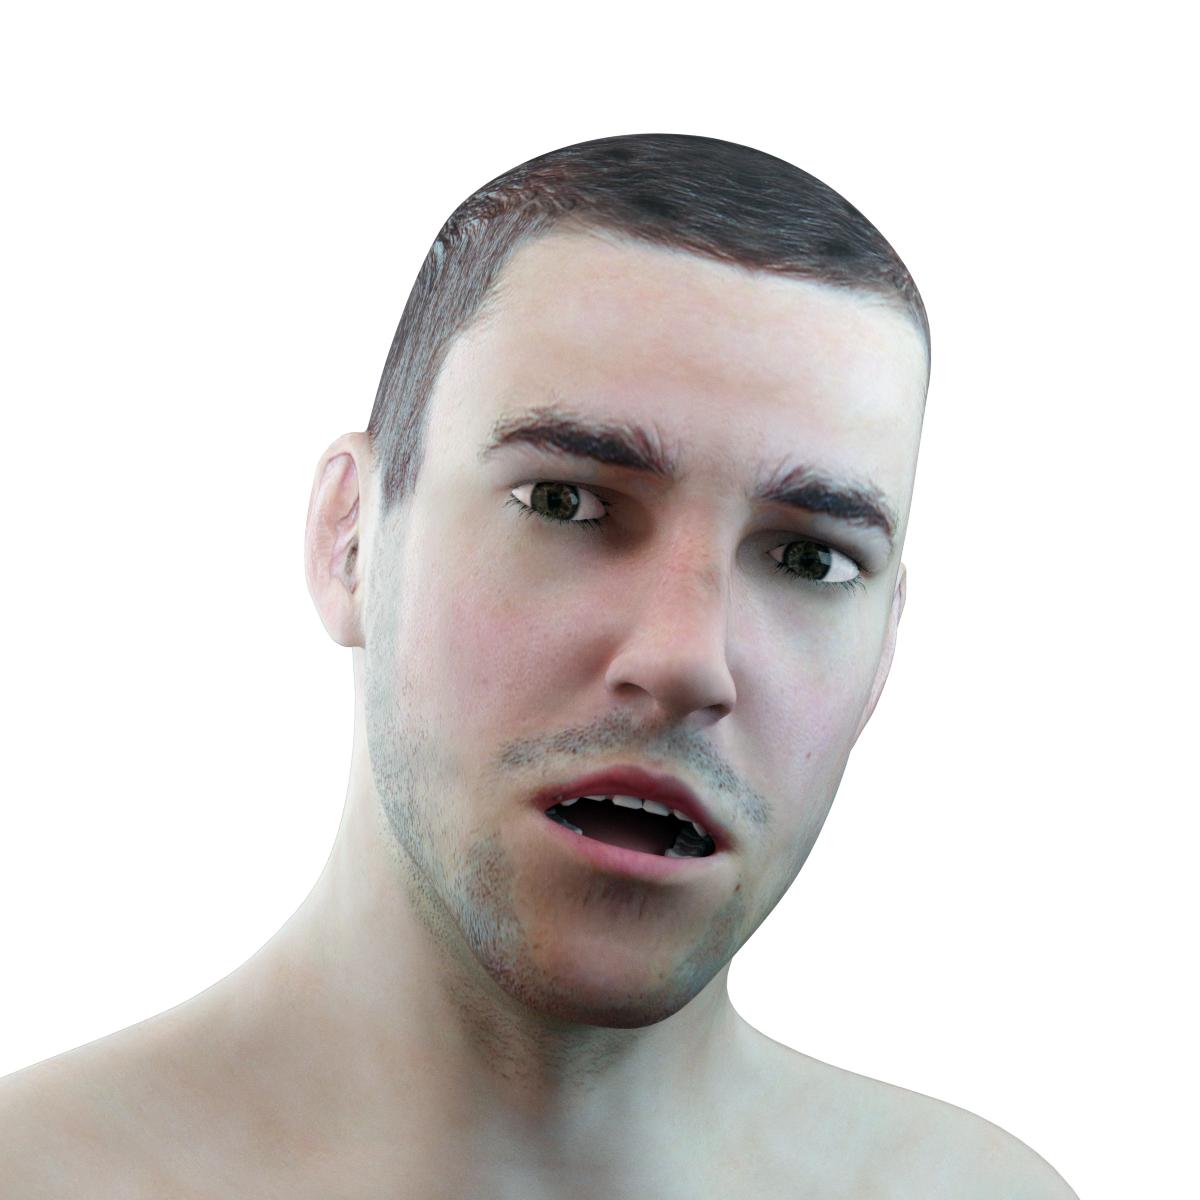 Male Head Rigged model 3D Model in Man 3DExport